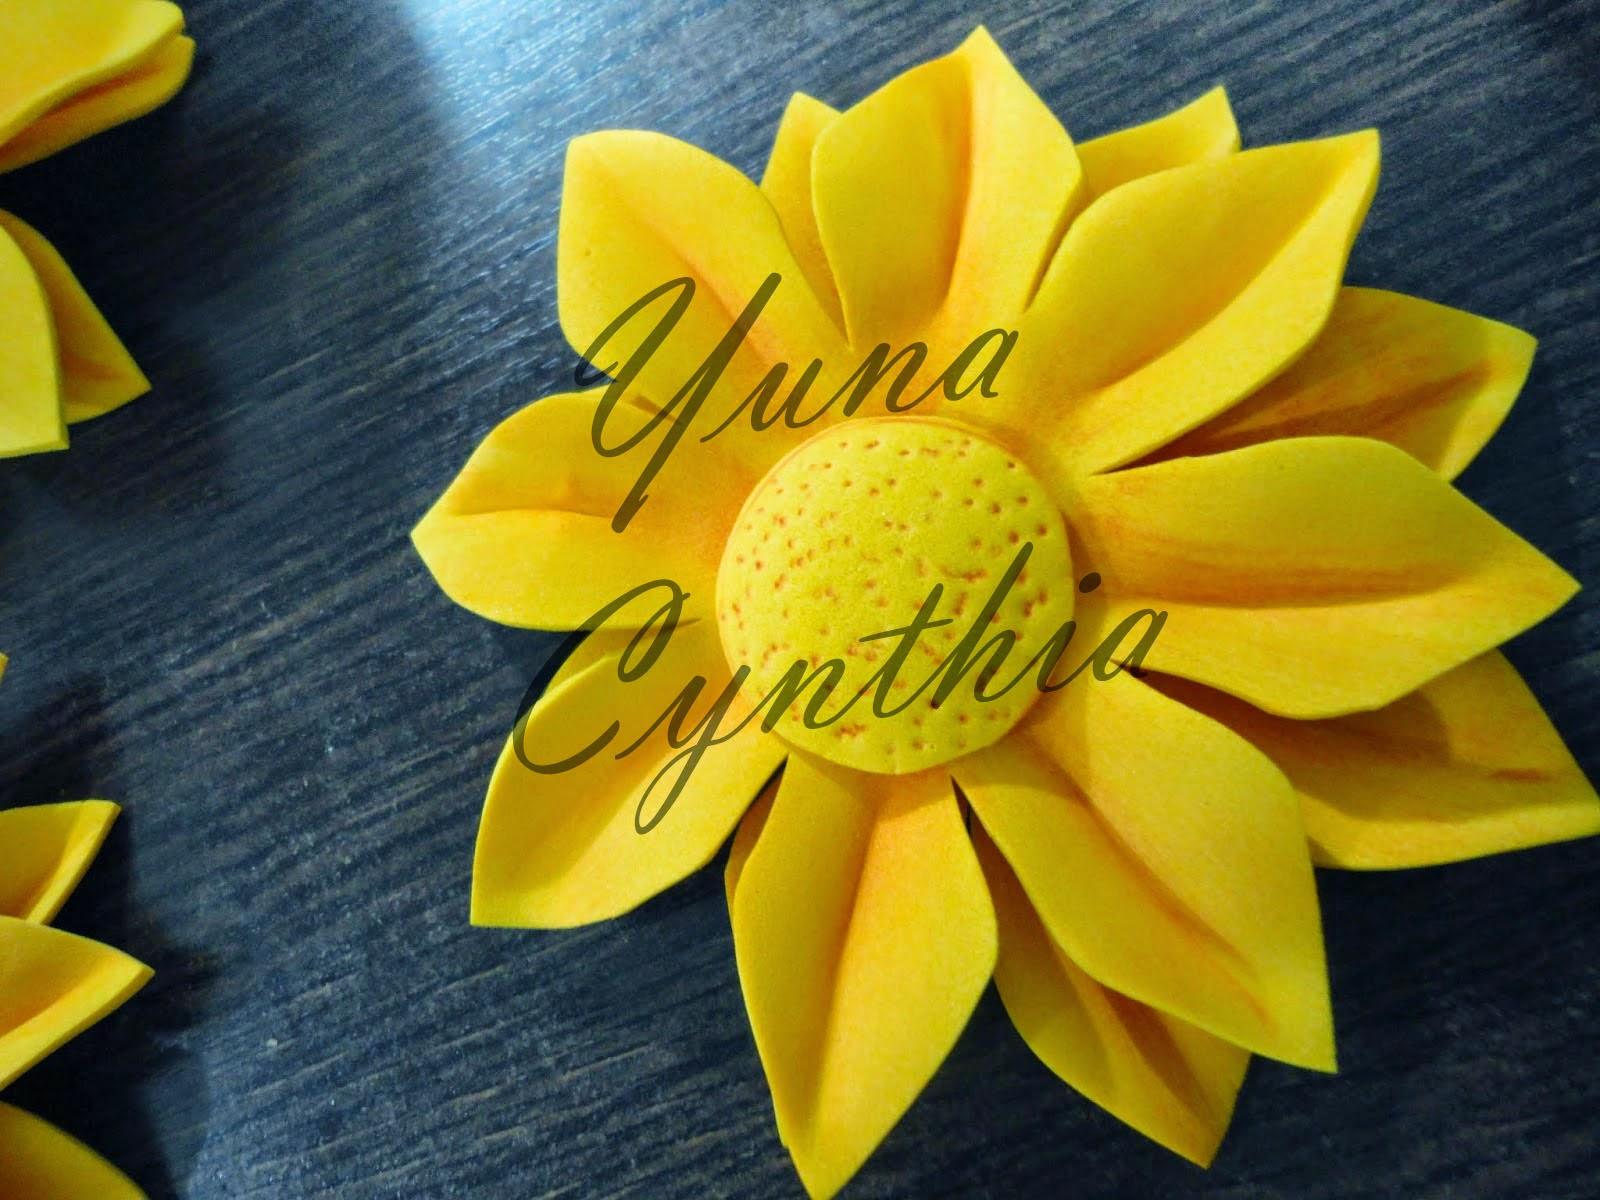 Yuna Cynthia: Tutorial: Hacer flores de goma eva/foami (girasoles)